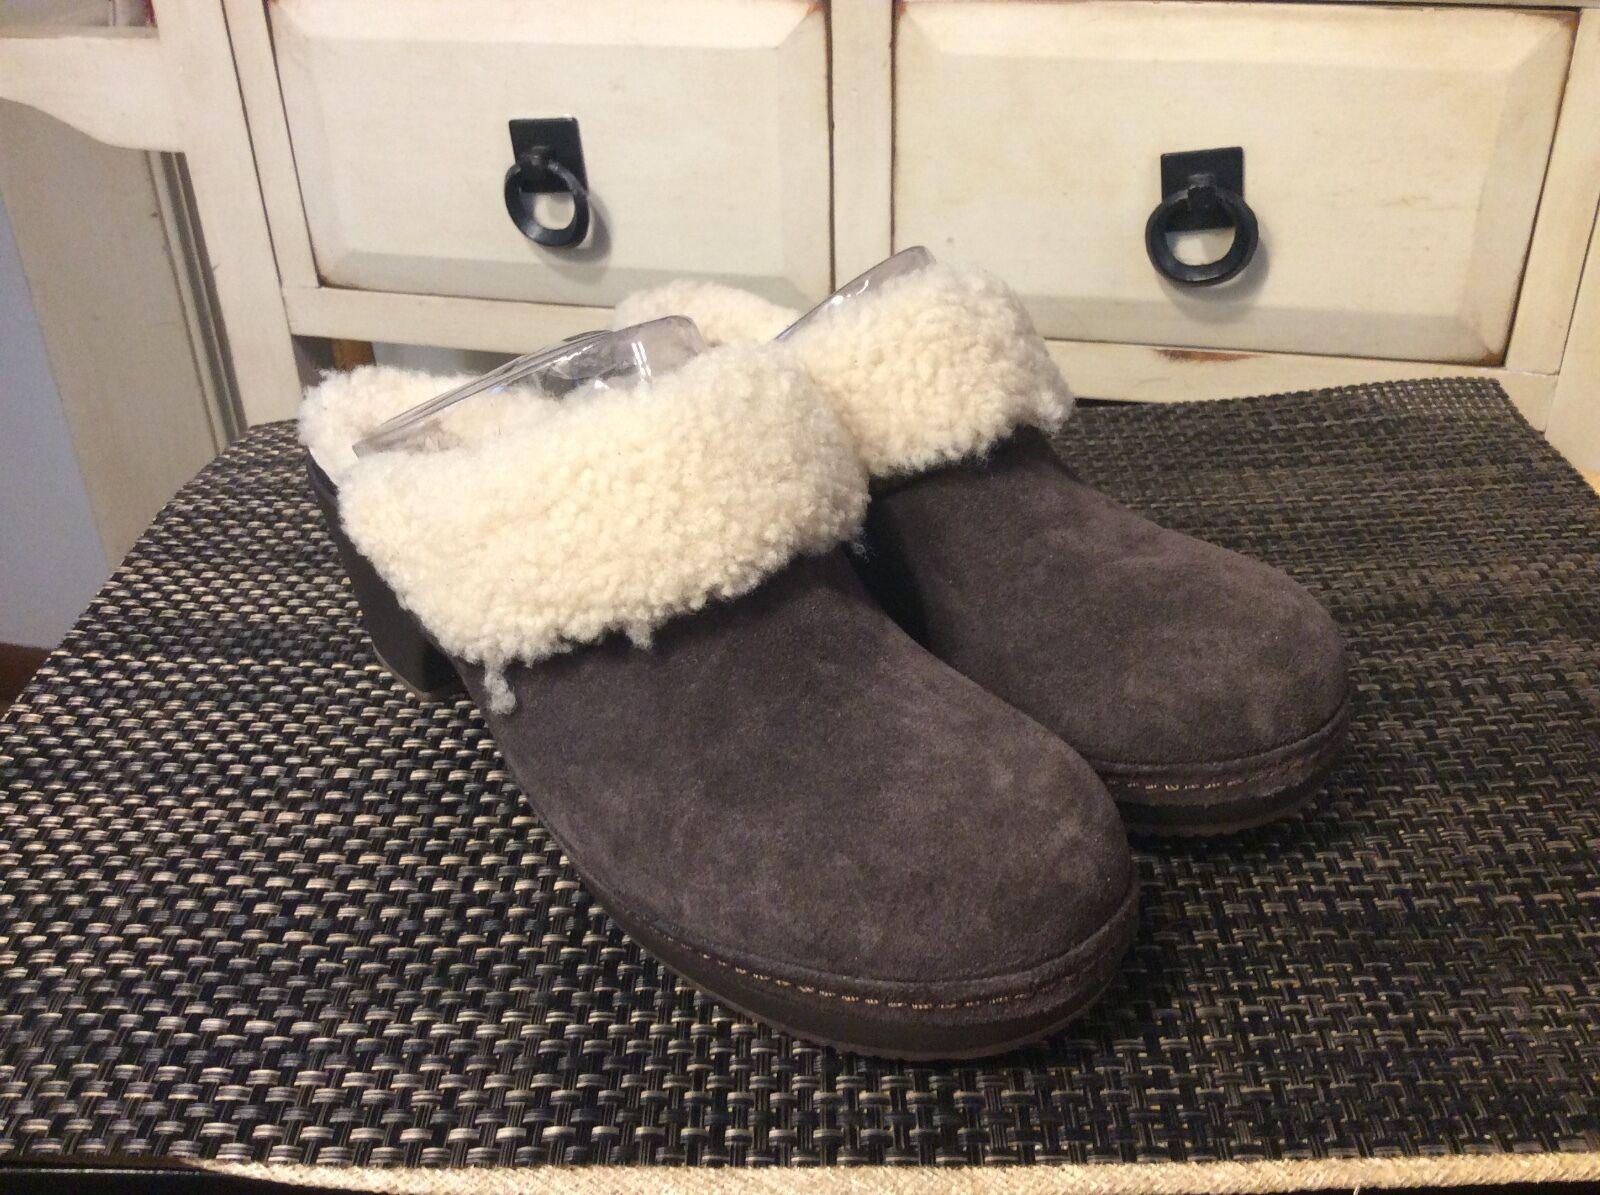 Damens's Crocs Sarah Luxe Shearling Lined Clog Braun Item #203413 Sz W7